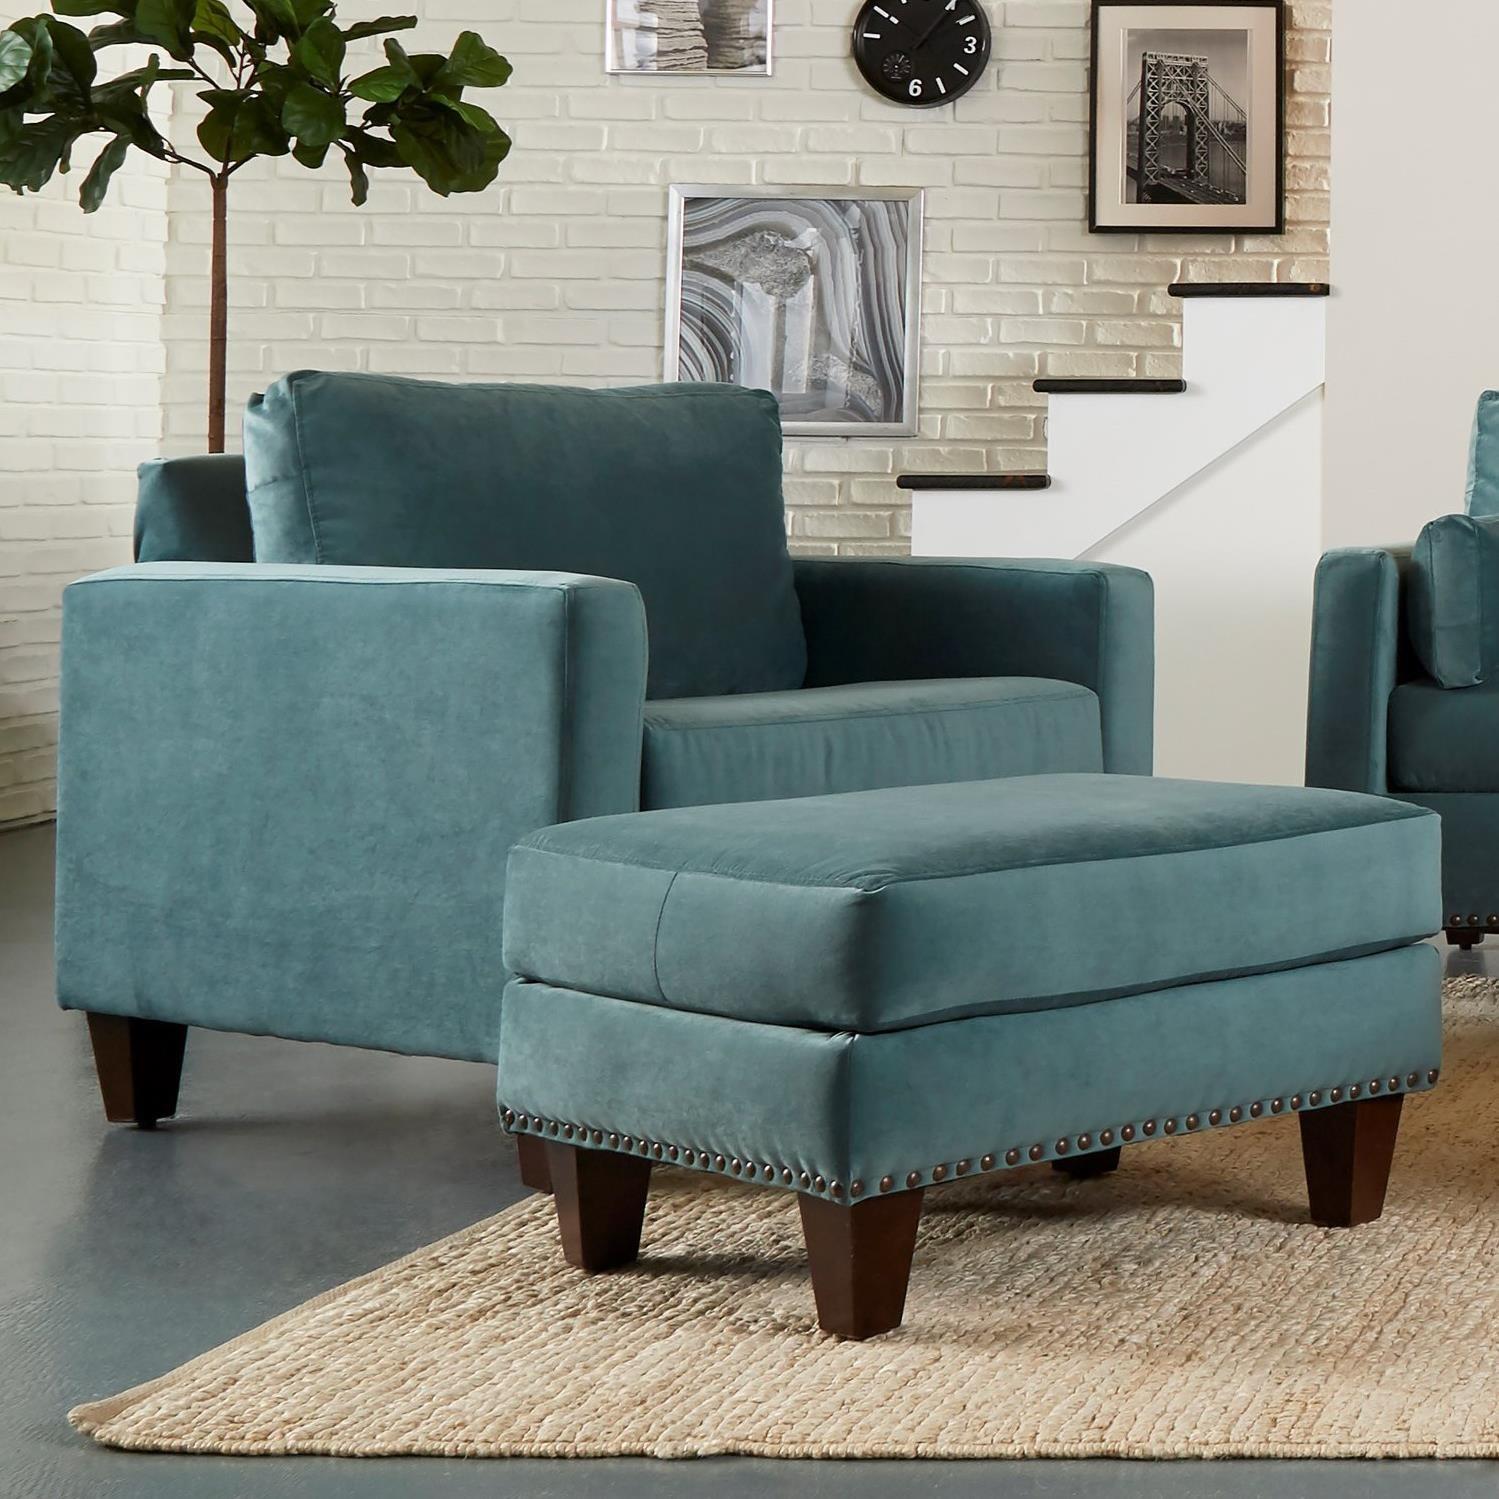 Chair & Ottoman with Nailhead Trim